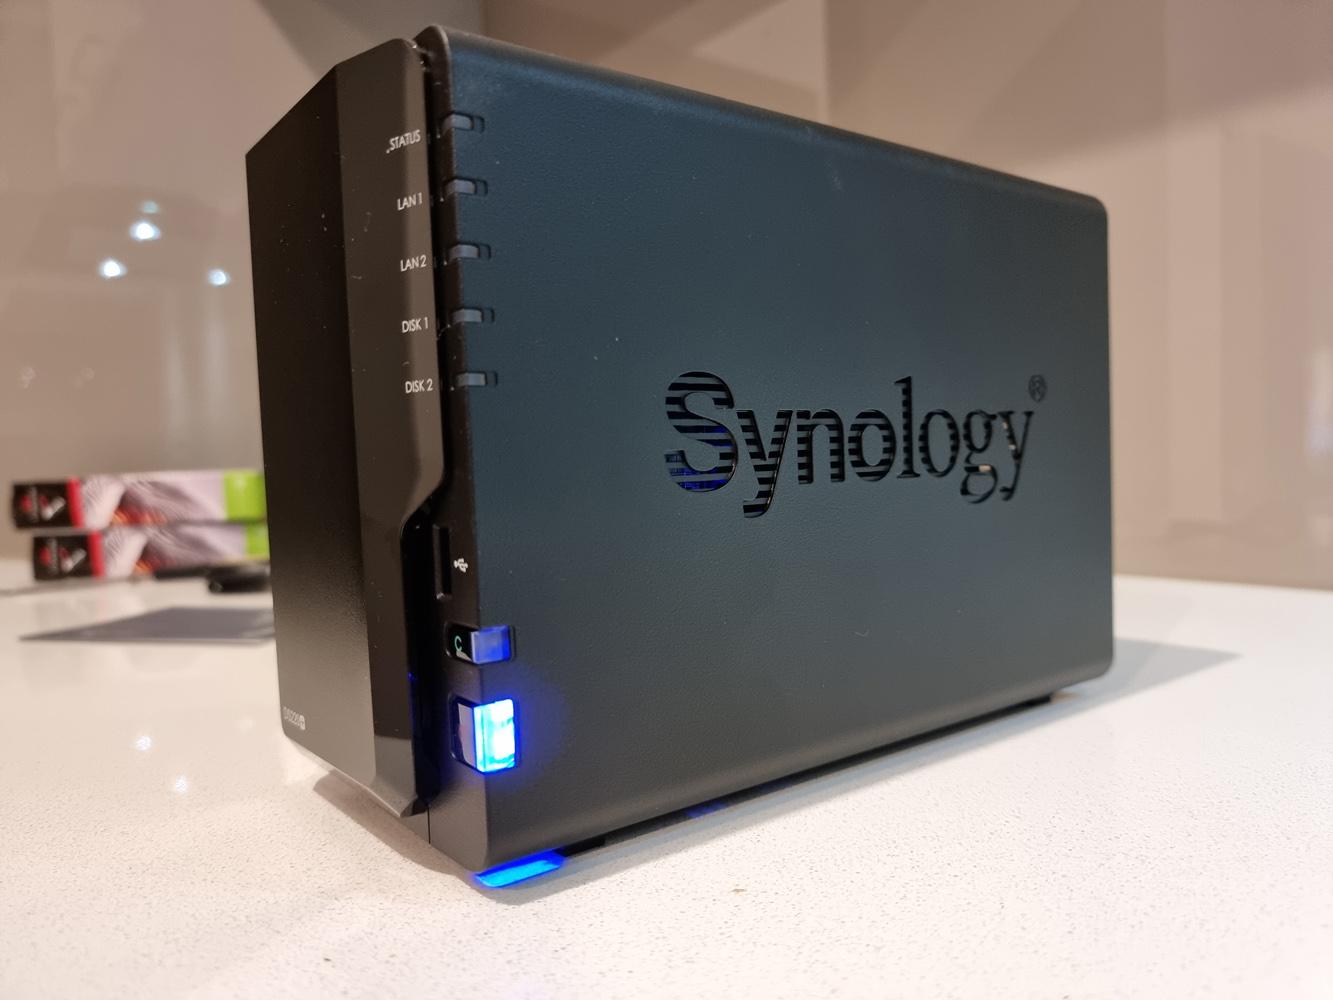 Revisión: Synology DS220 +, ¿este NAS puede reemplazar a Google Photos?